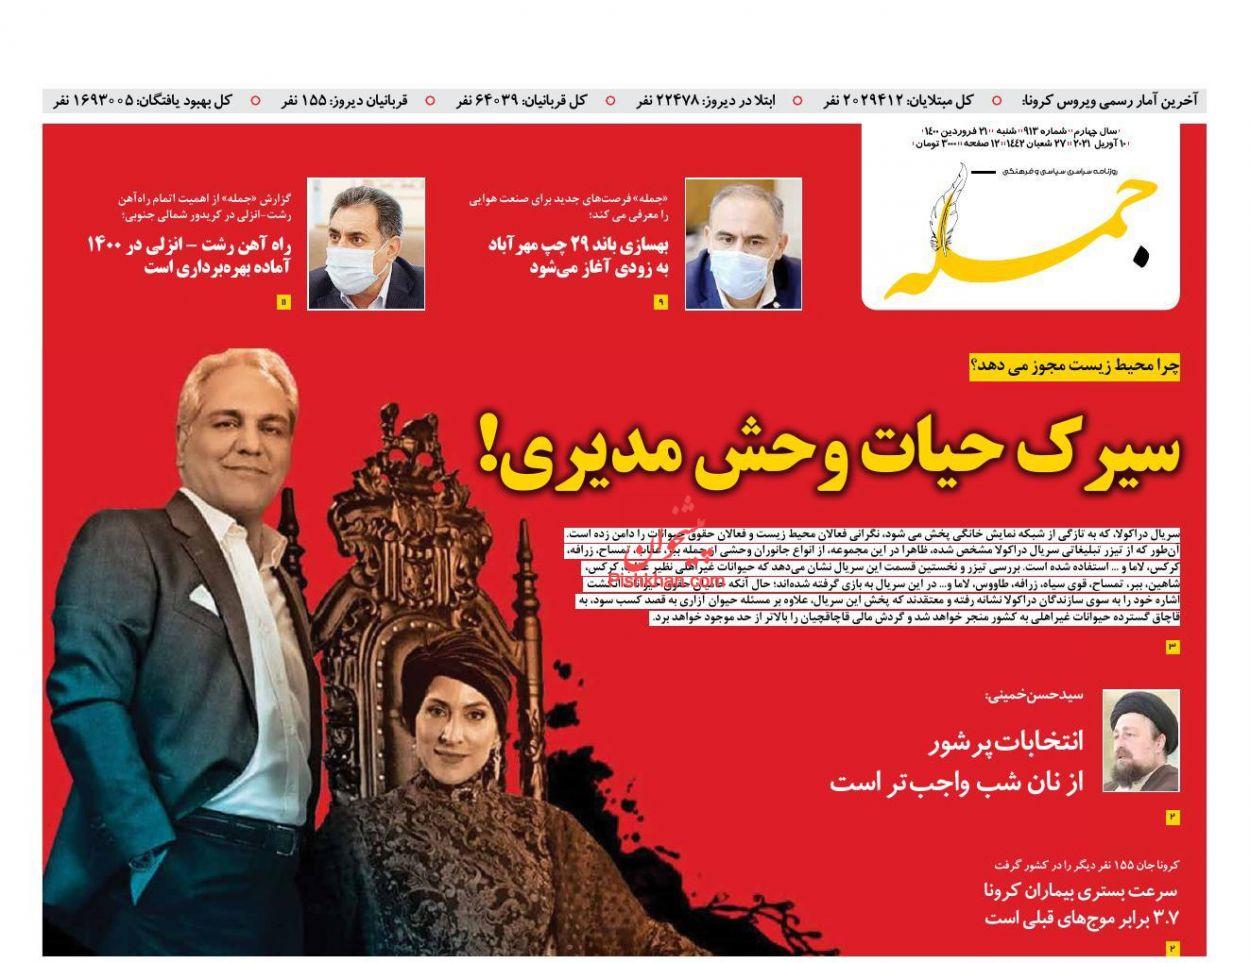 عناوین اخبار روزنامه جمله در روز شنبه ۲۱ فروردین